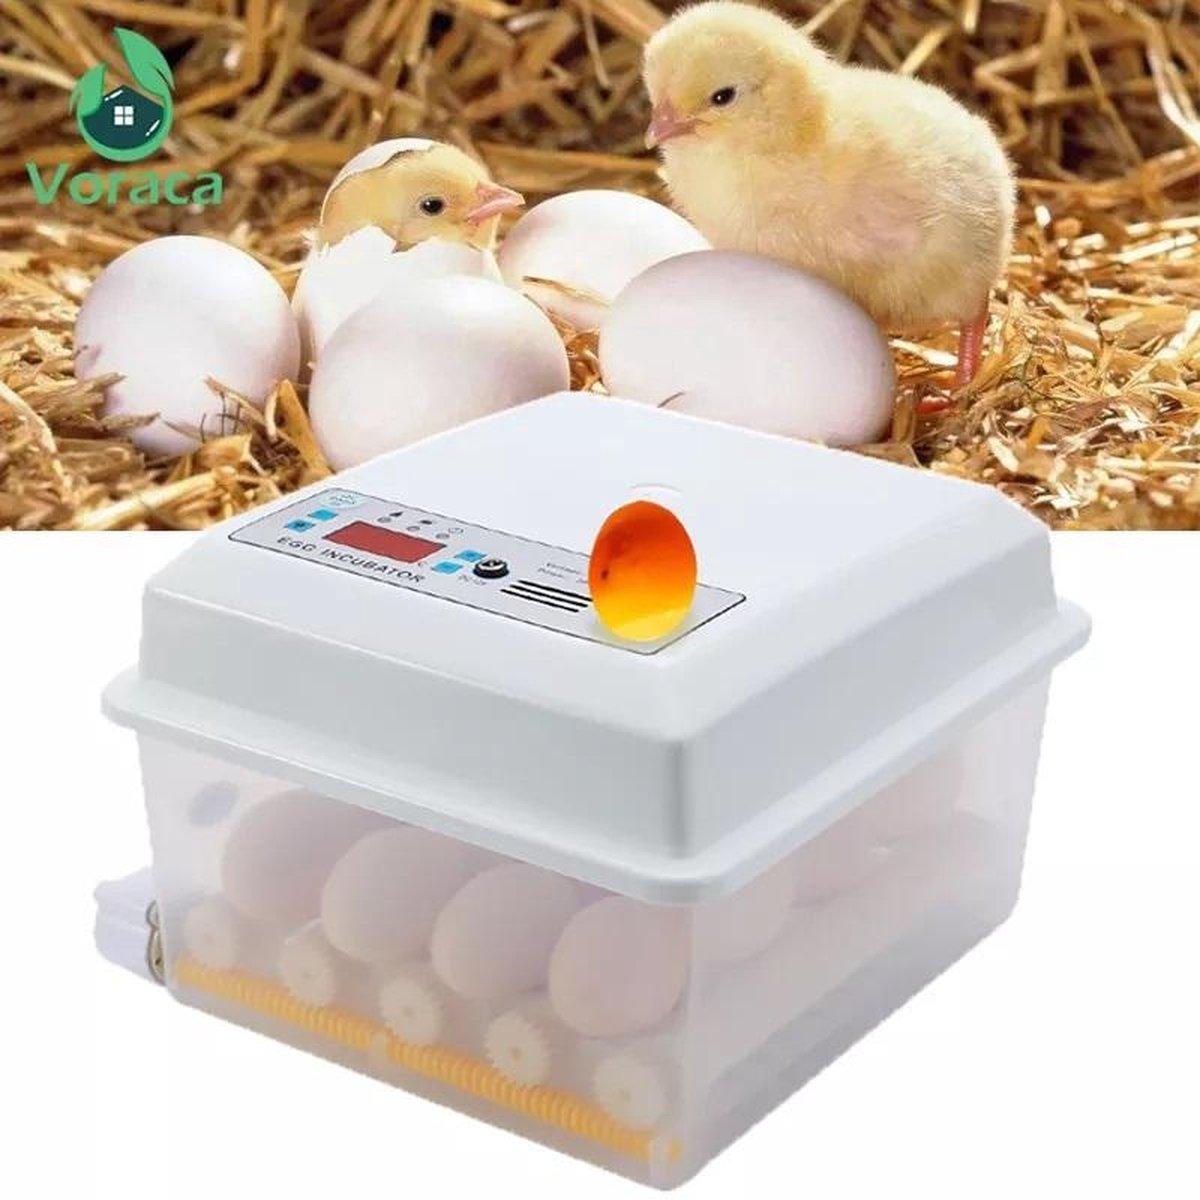 Broedmachine met keersysteem, 12 eieren